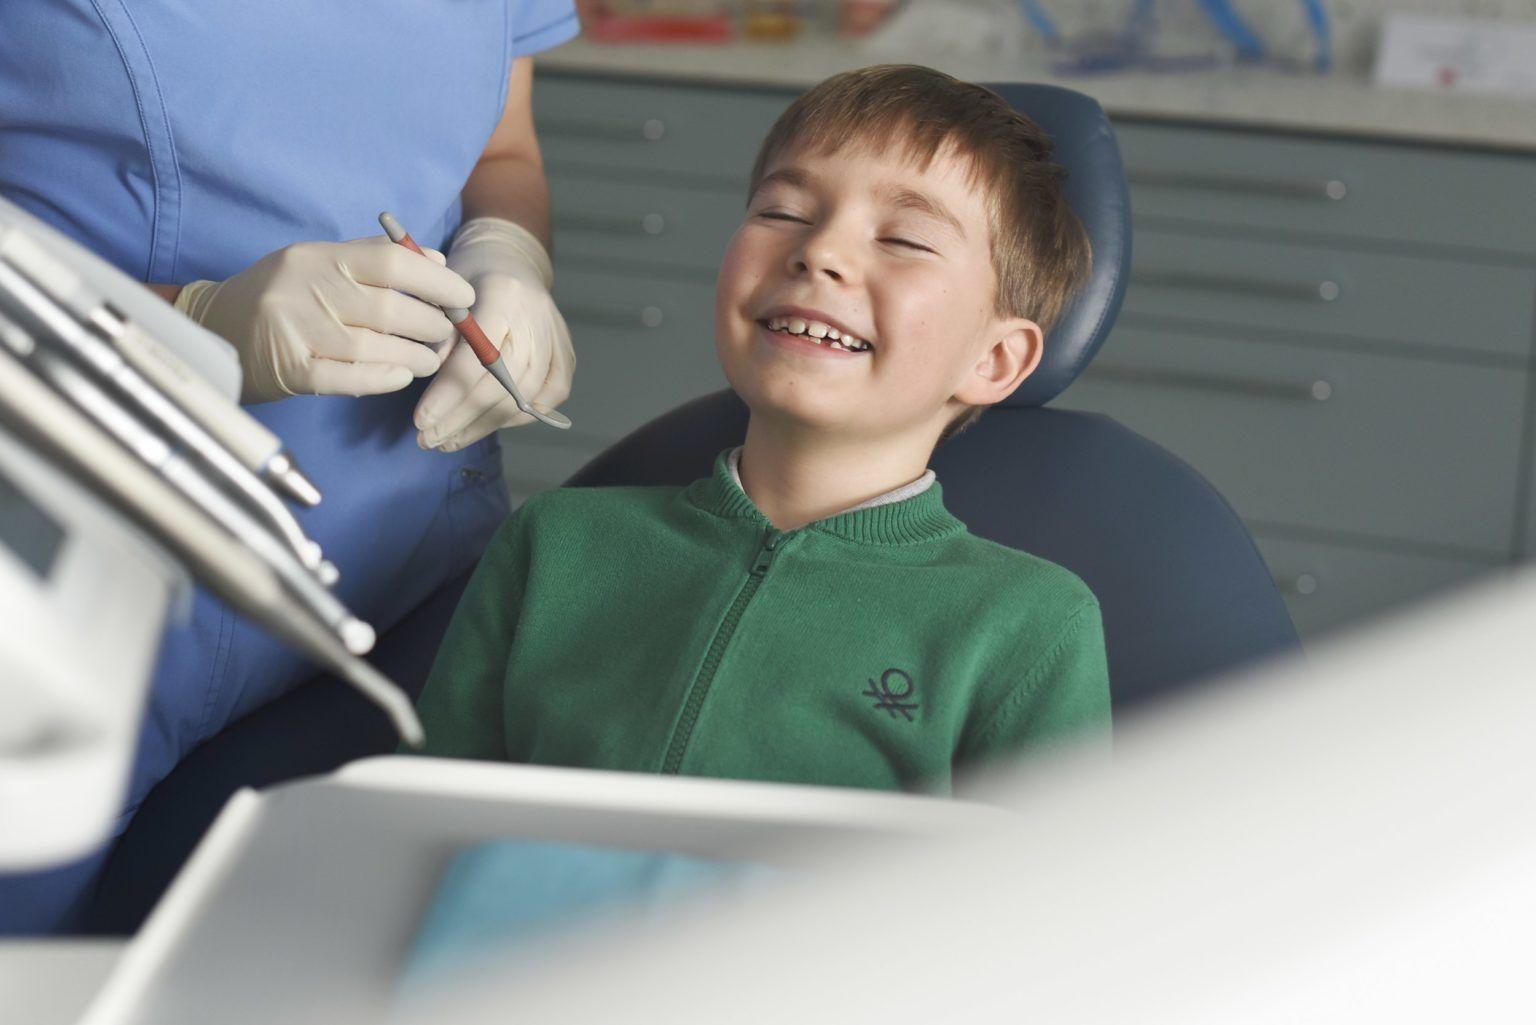 Nuoširdus dėmesys ir rūpestis: atsakingas dantų gydymas